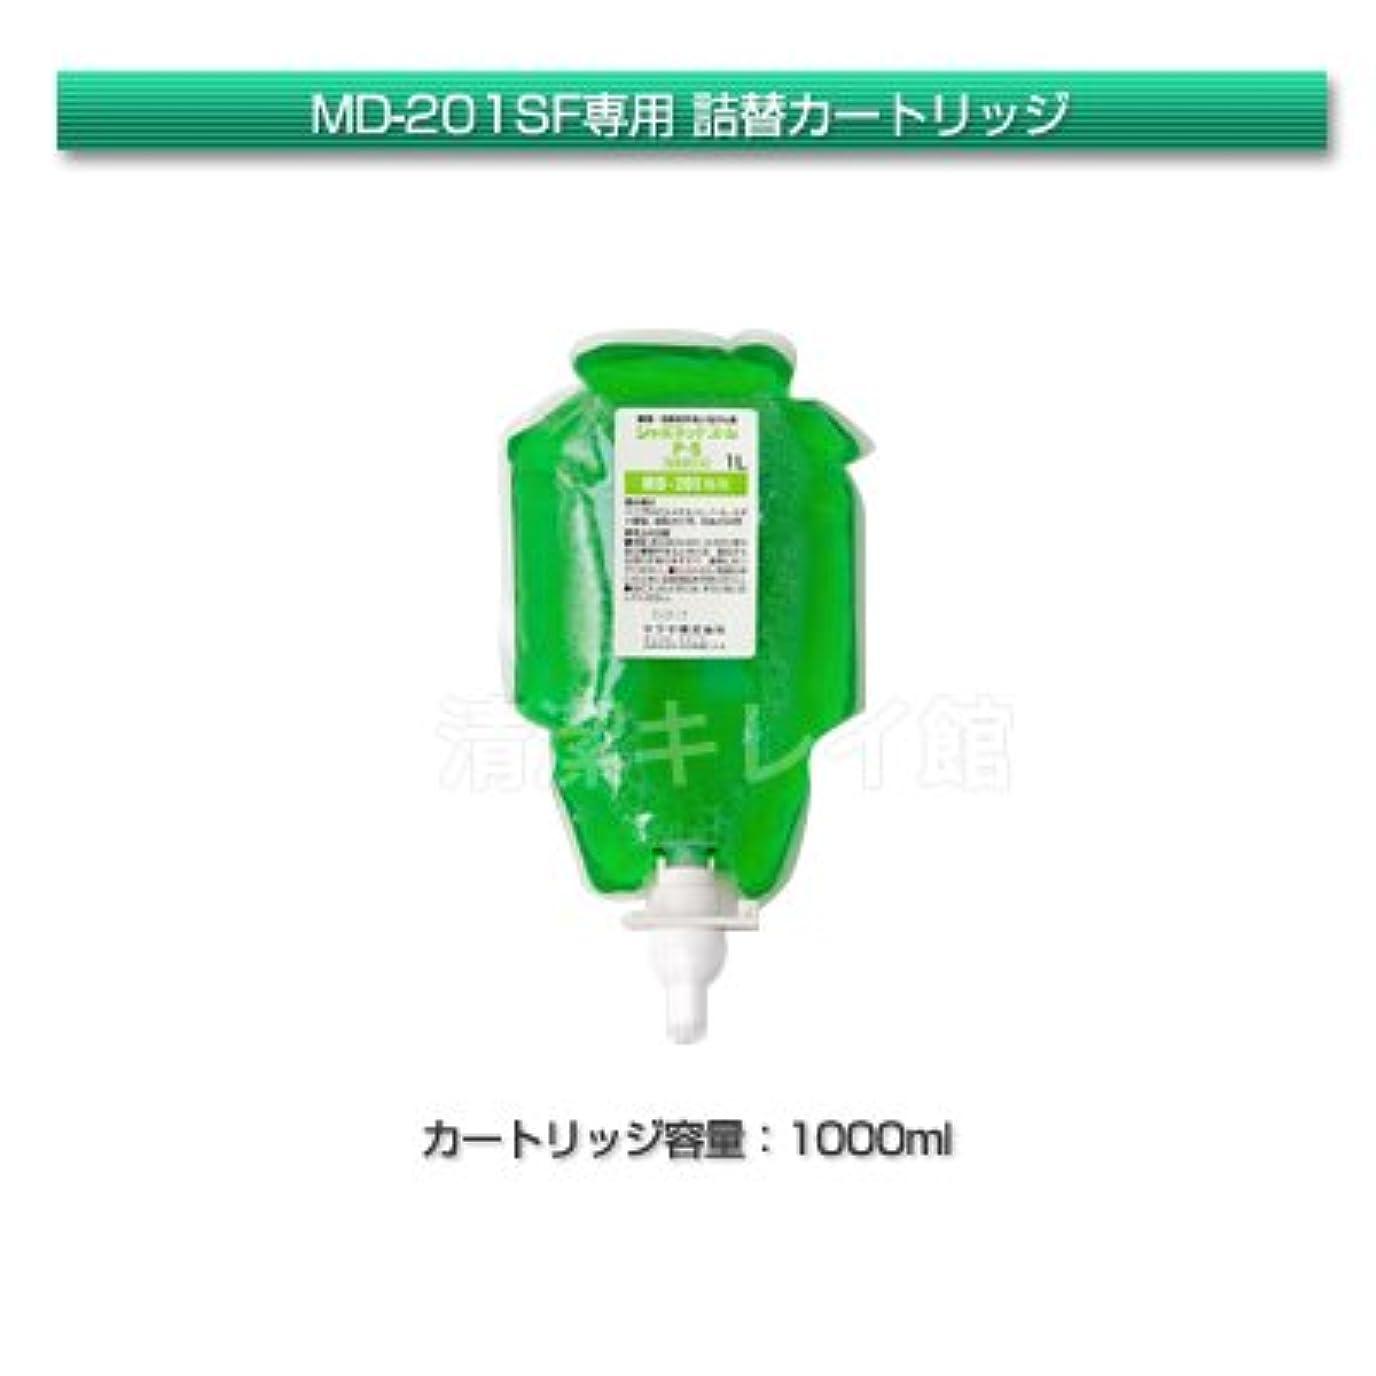 歯車経歴欲しいですサラヤ プッシュ式石鹸液 MD-201SF(泡)専用カートリッジ(ユムP-5)1000ml【清潔キレイ館】